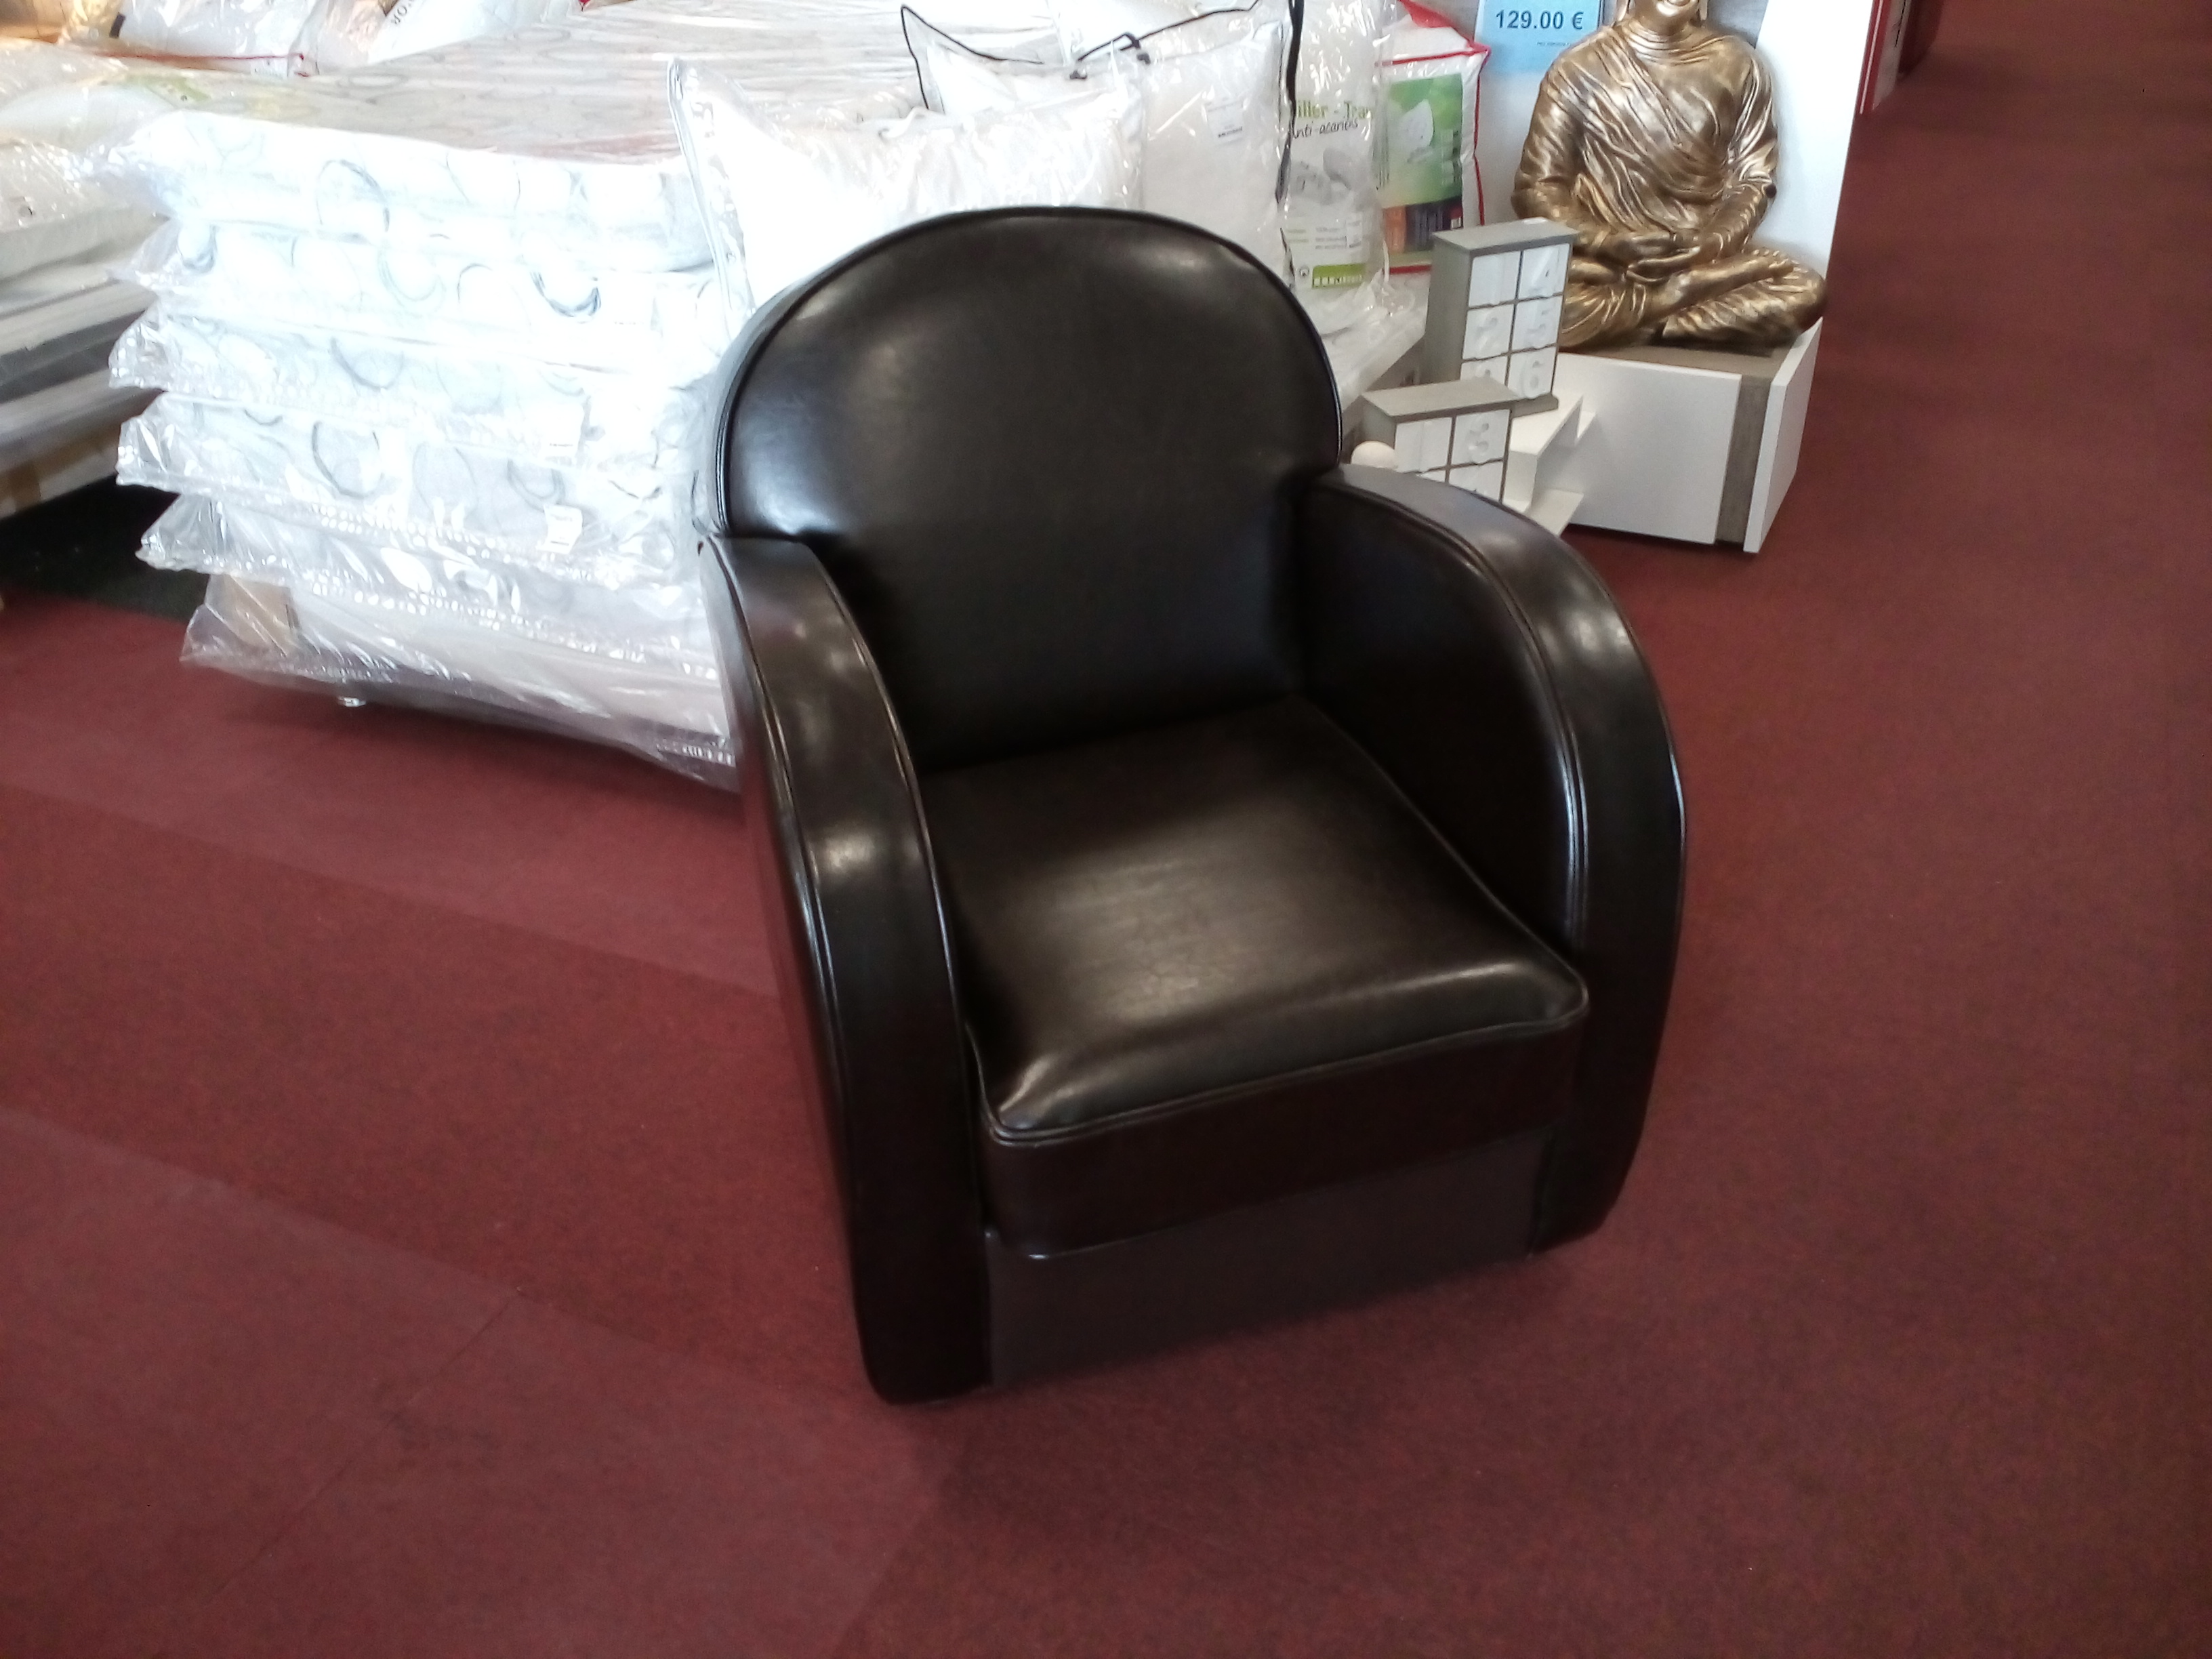 fauteuil cuir style club interior valeur 990 occasion la cabane du troc. Black Bedroom Furniture Sets. Home Design Ideas